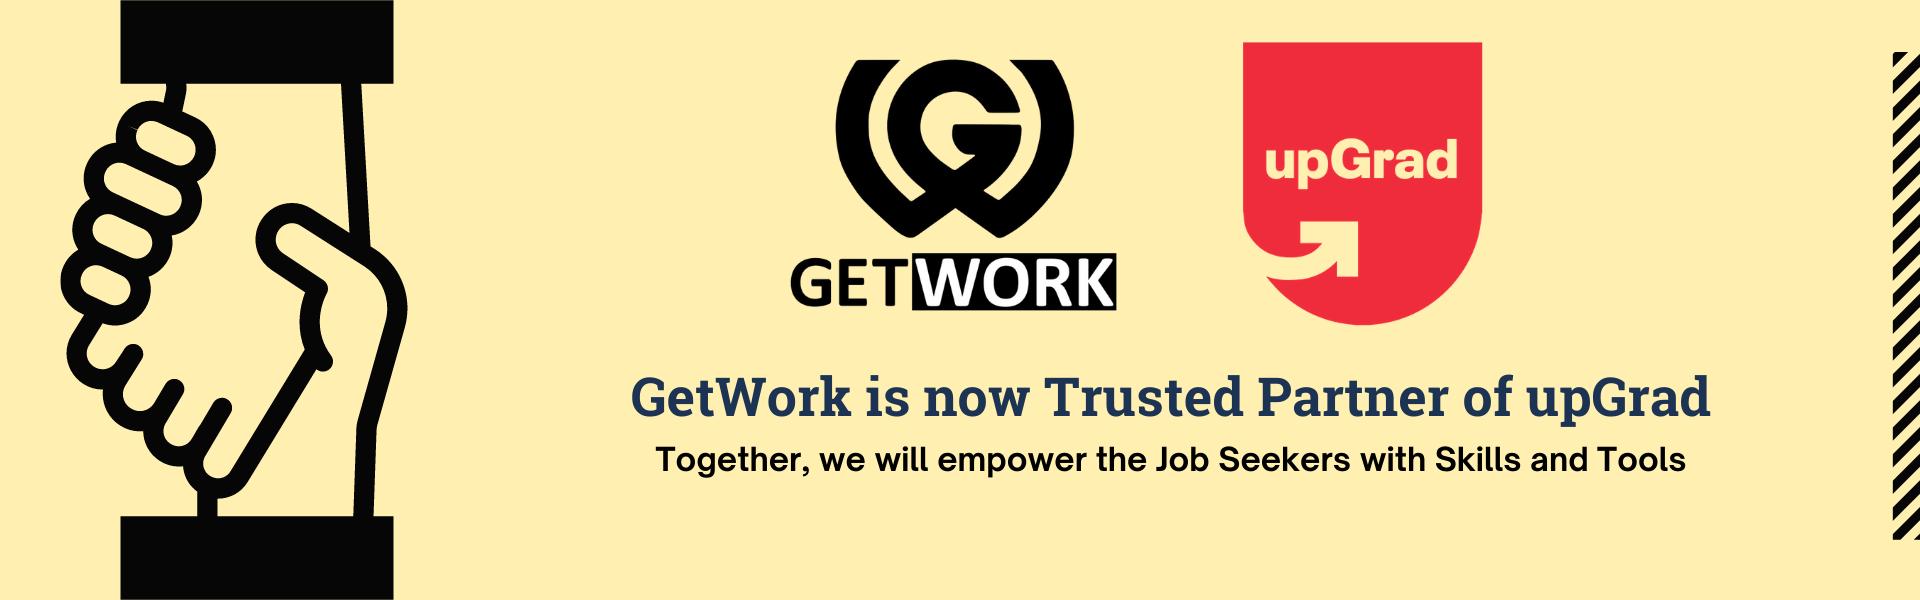 getwork_upgrad_banner